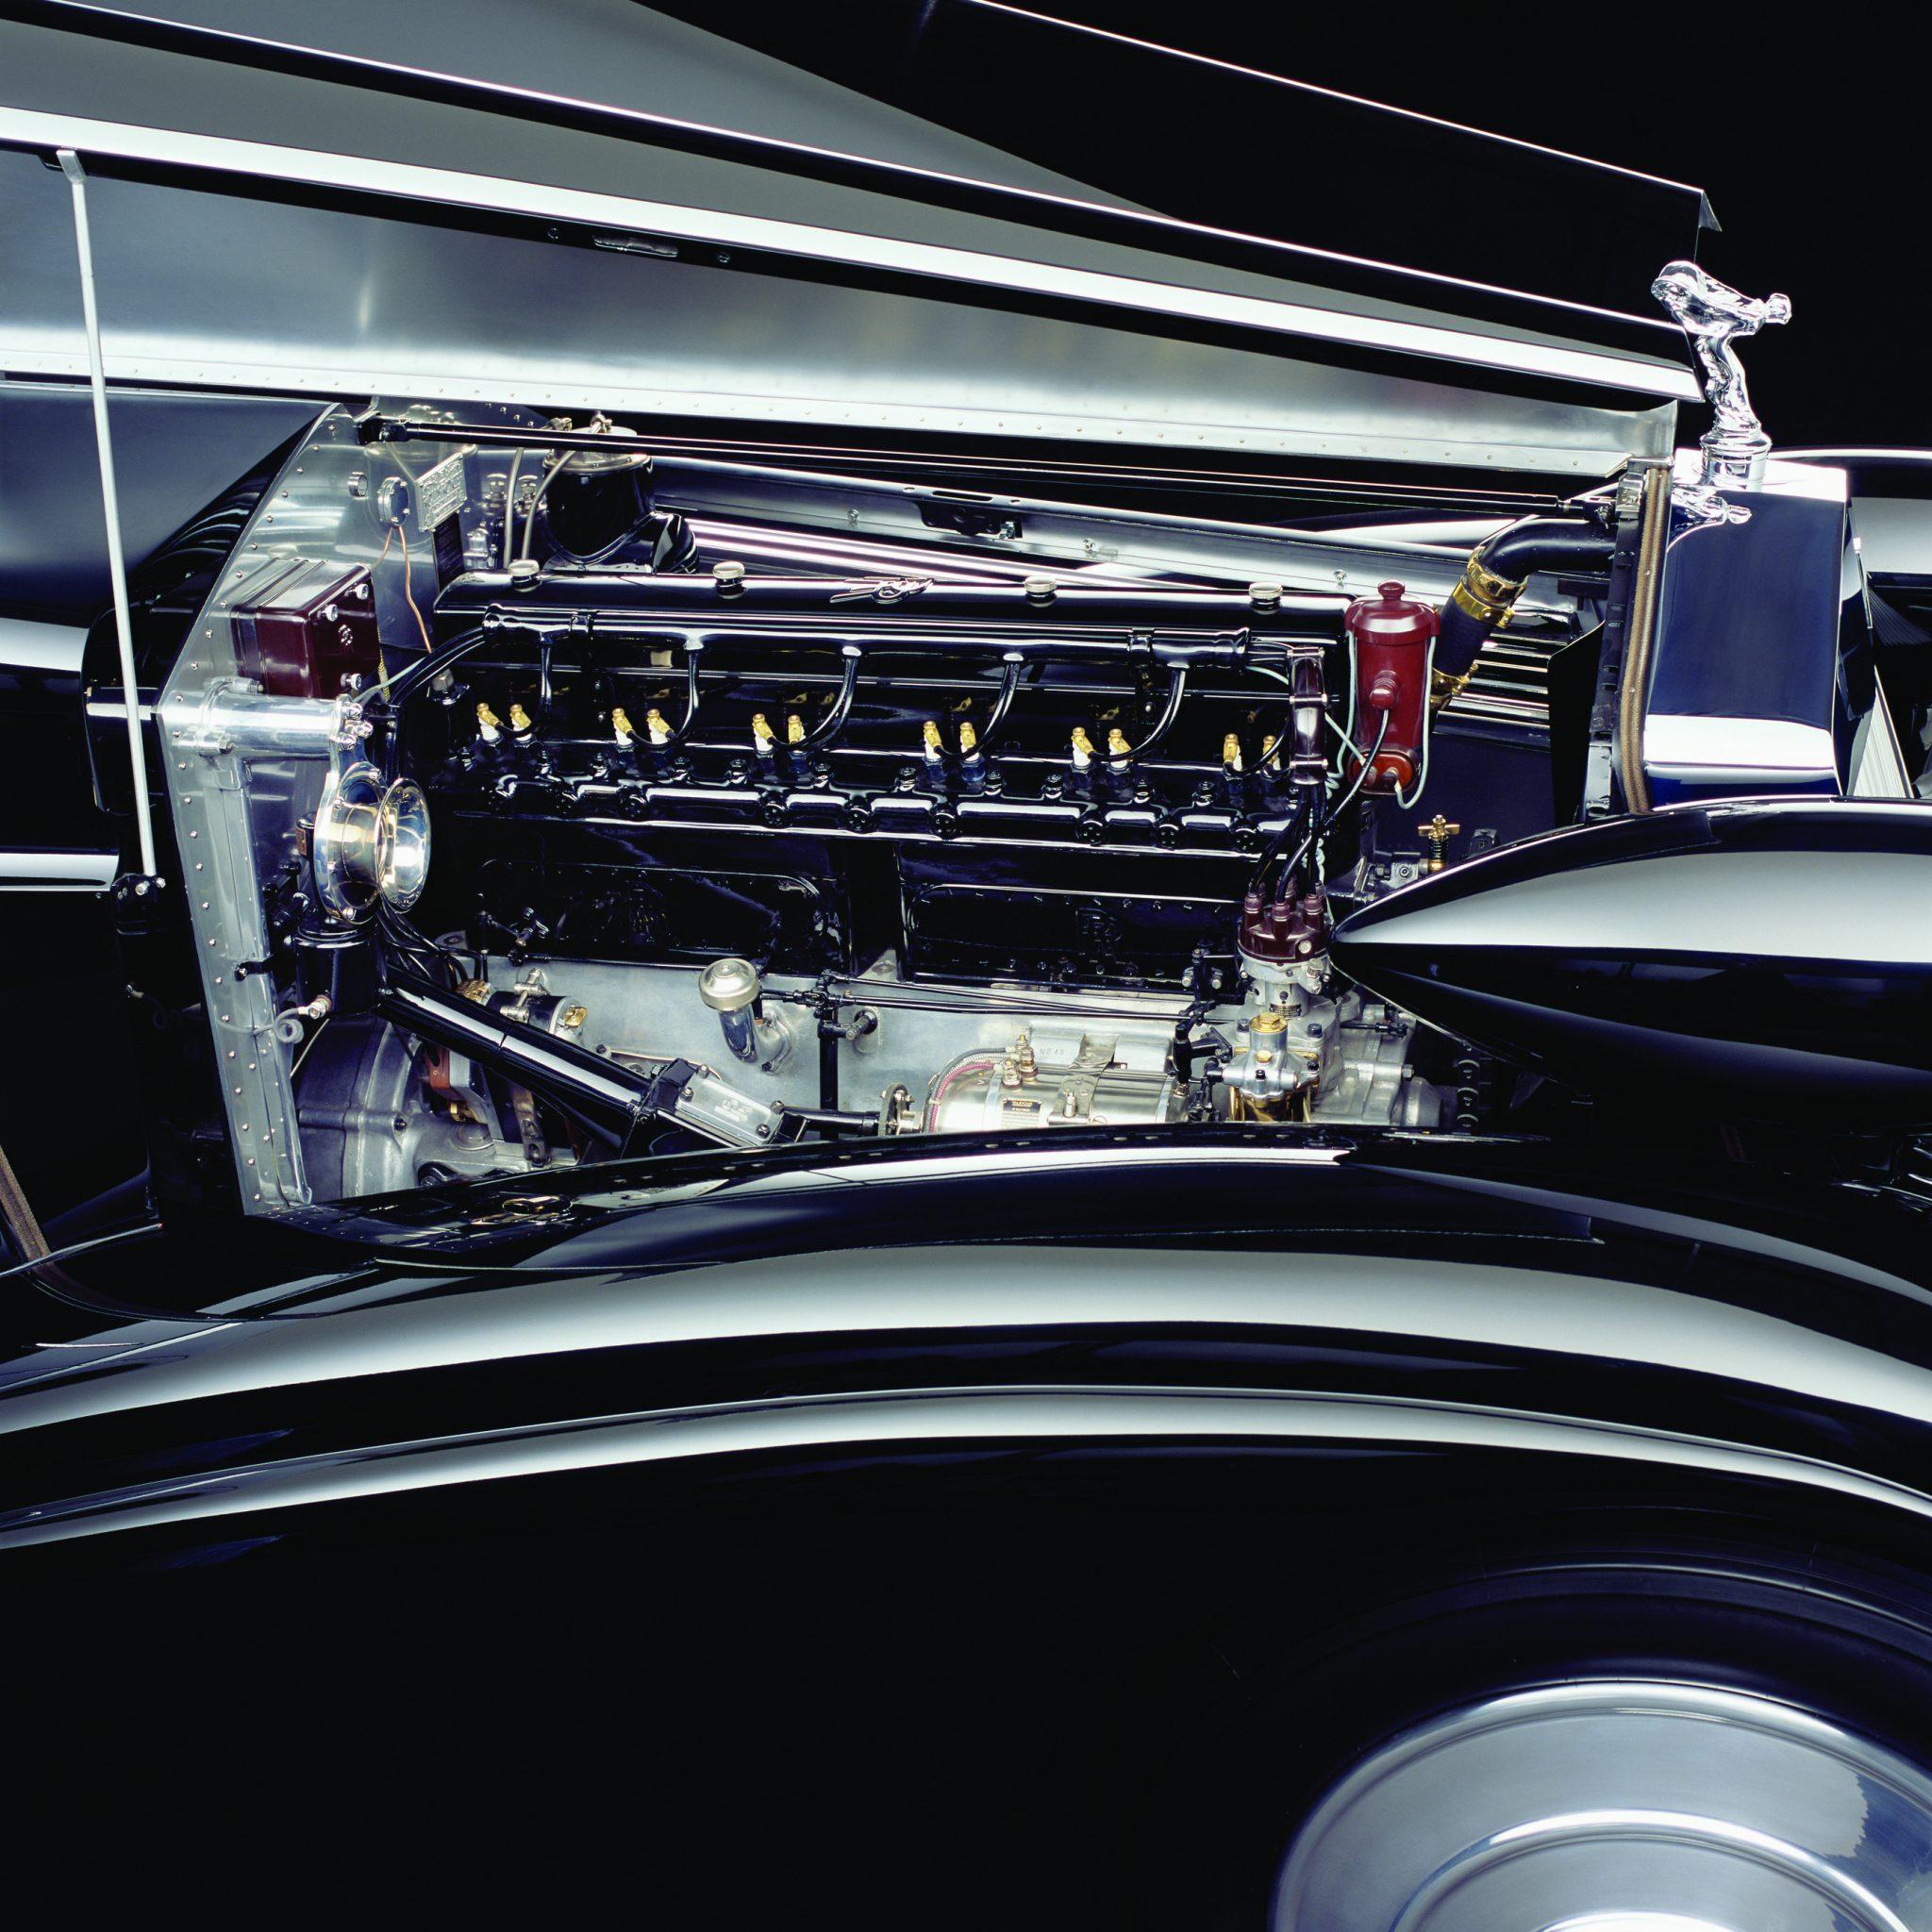 1925 Rolls Royce Phantom >> The Round Door Rolls 1925 Rolls Royce Phantom I Jonckheere